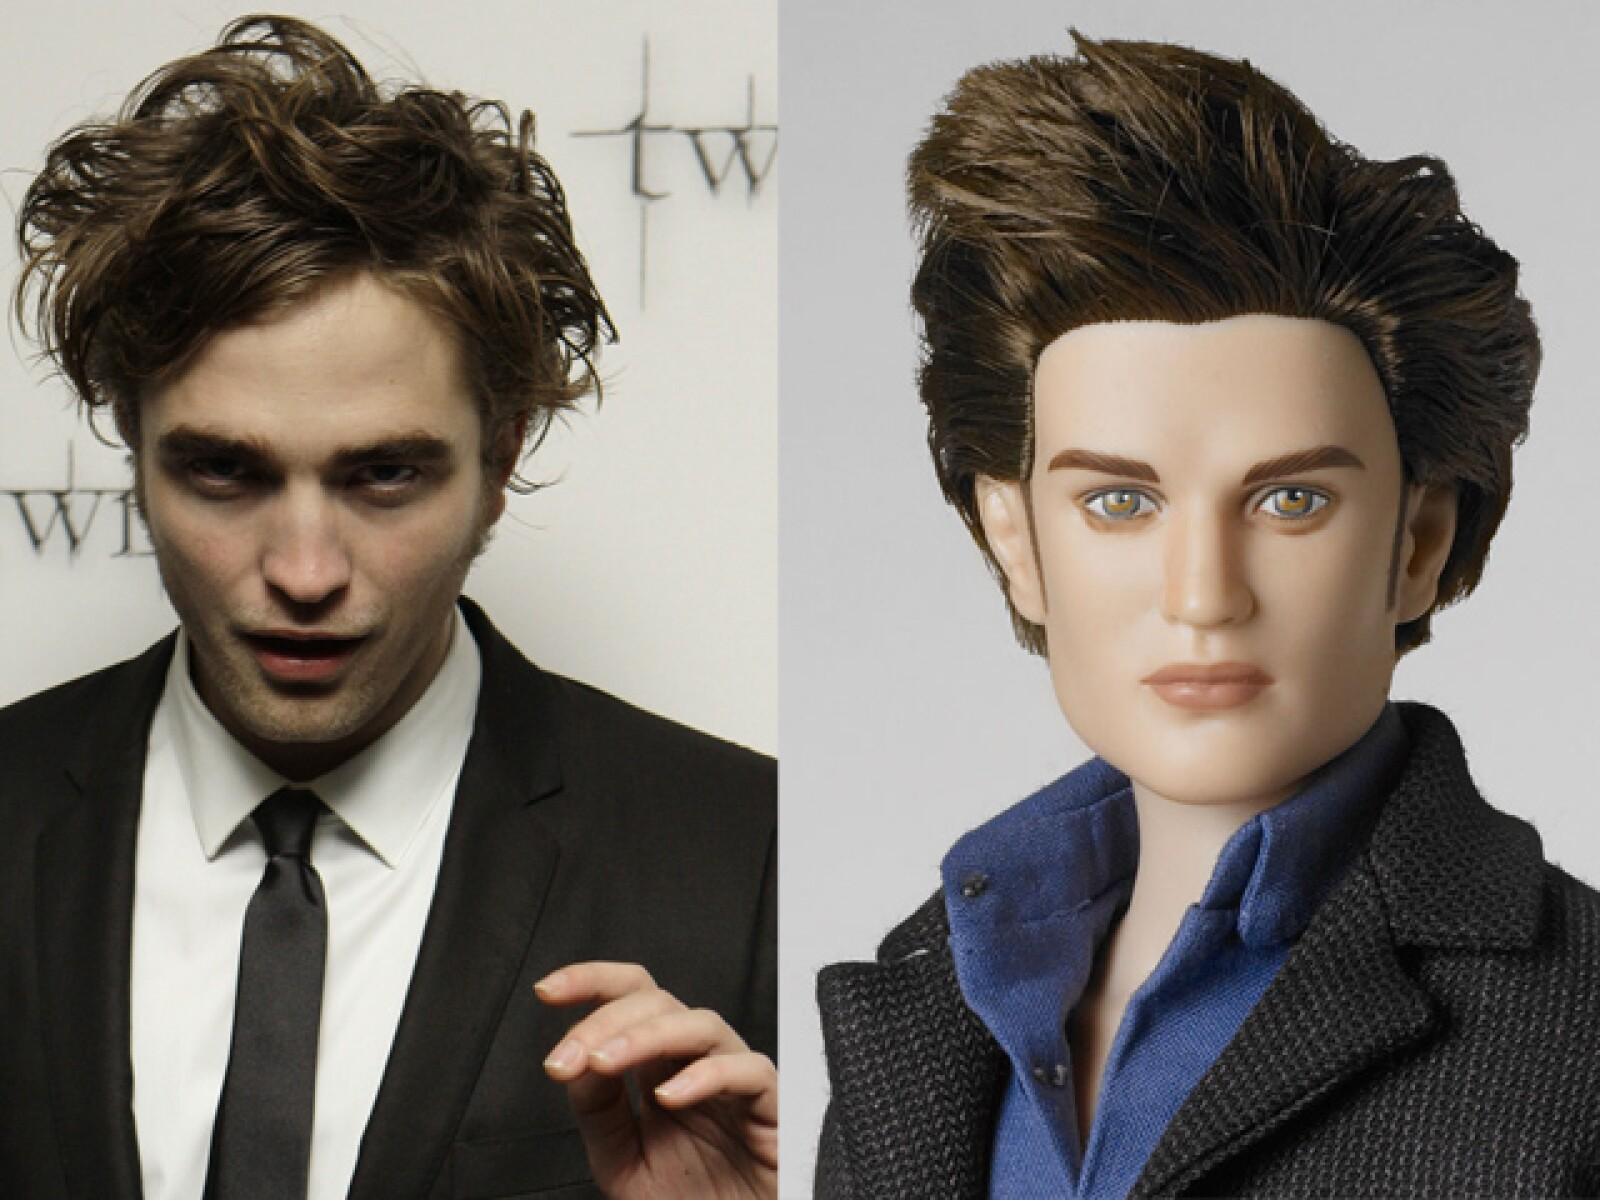 El inglés Robert Pattinson también puede estar en el buró de cualquiera de sus seguidoras.